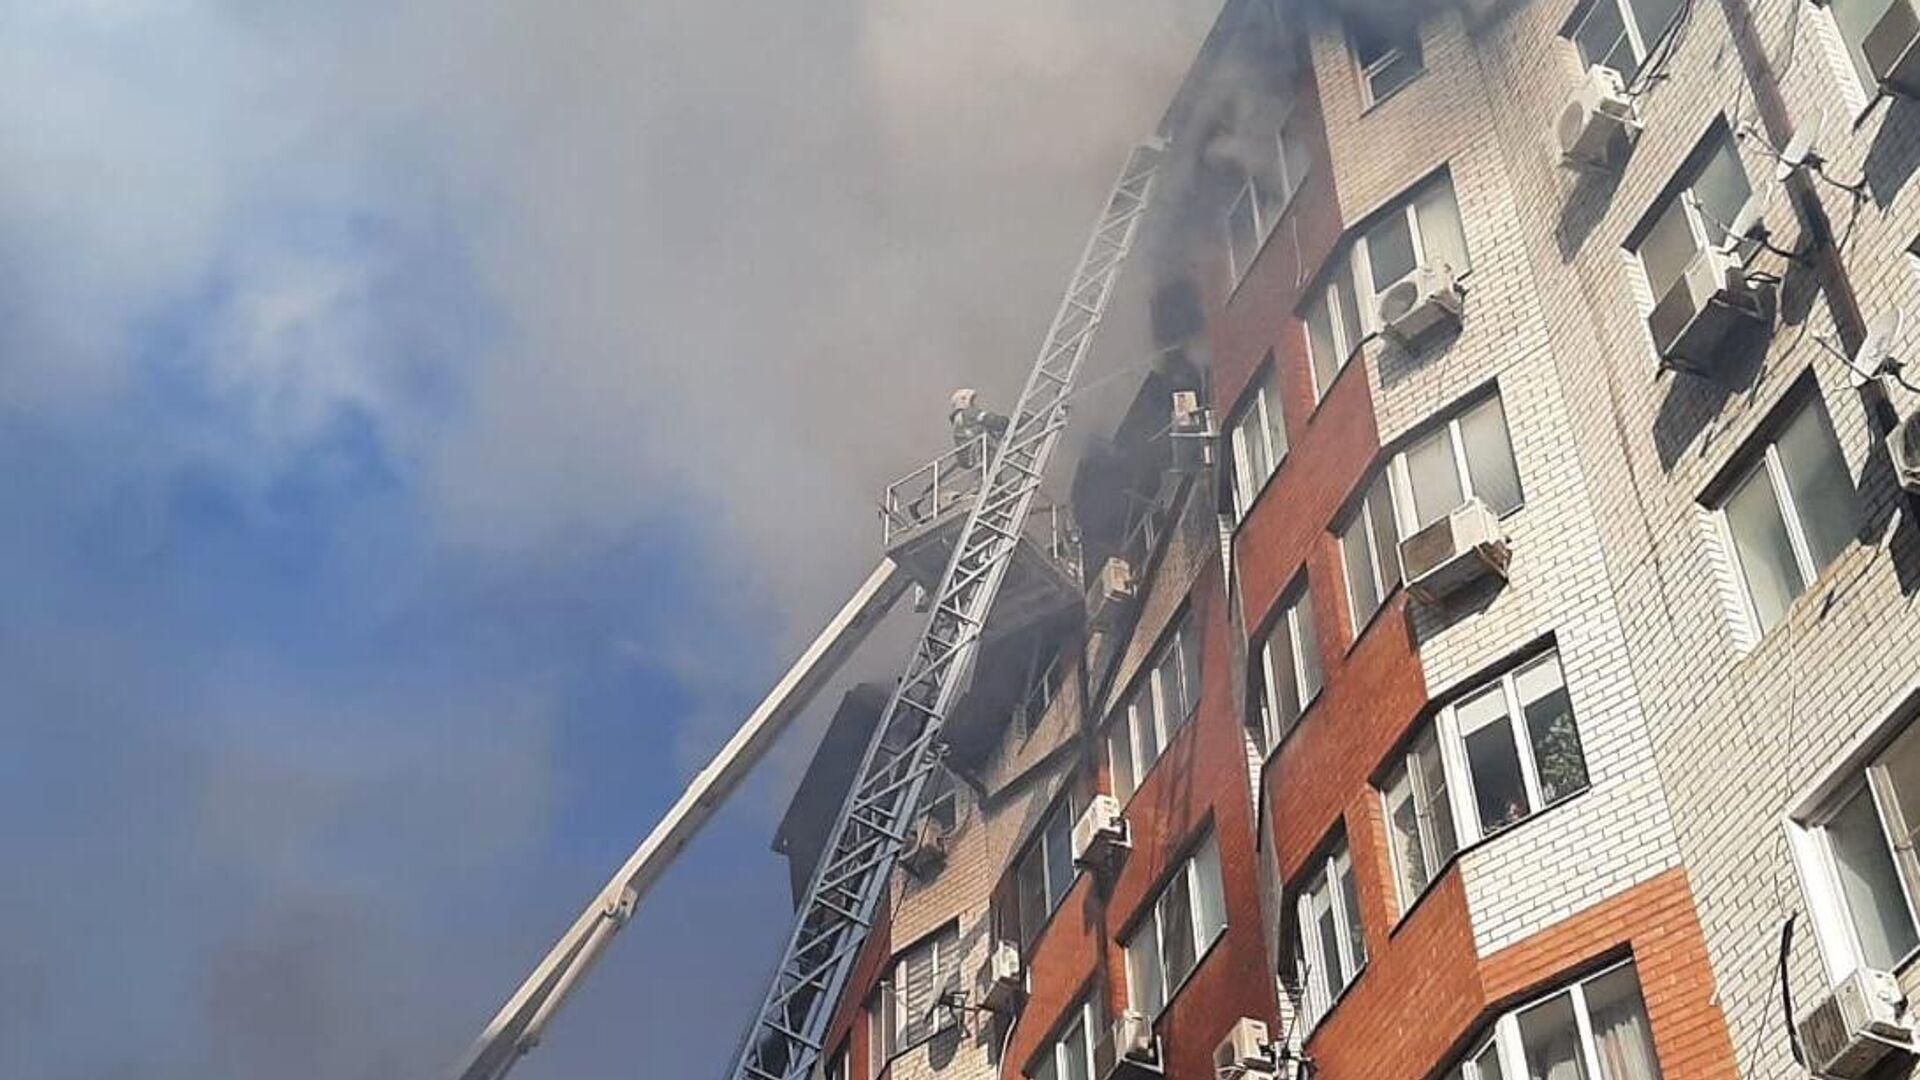 Сотрудники противопожарной службы тушат пожар в восьмиэтажном жилом доме в Анапе - РИА Новости, 1920, 12.03.2021